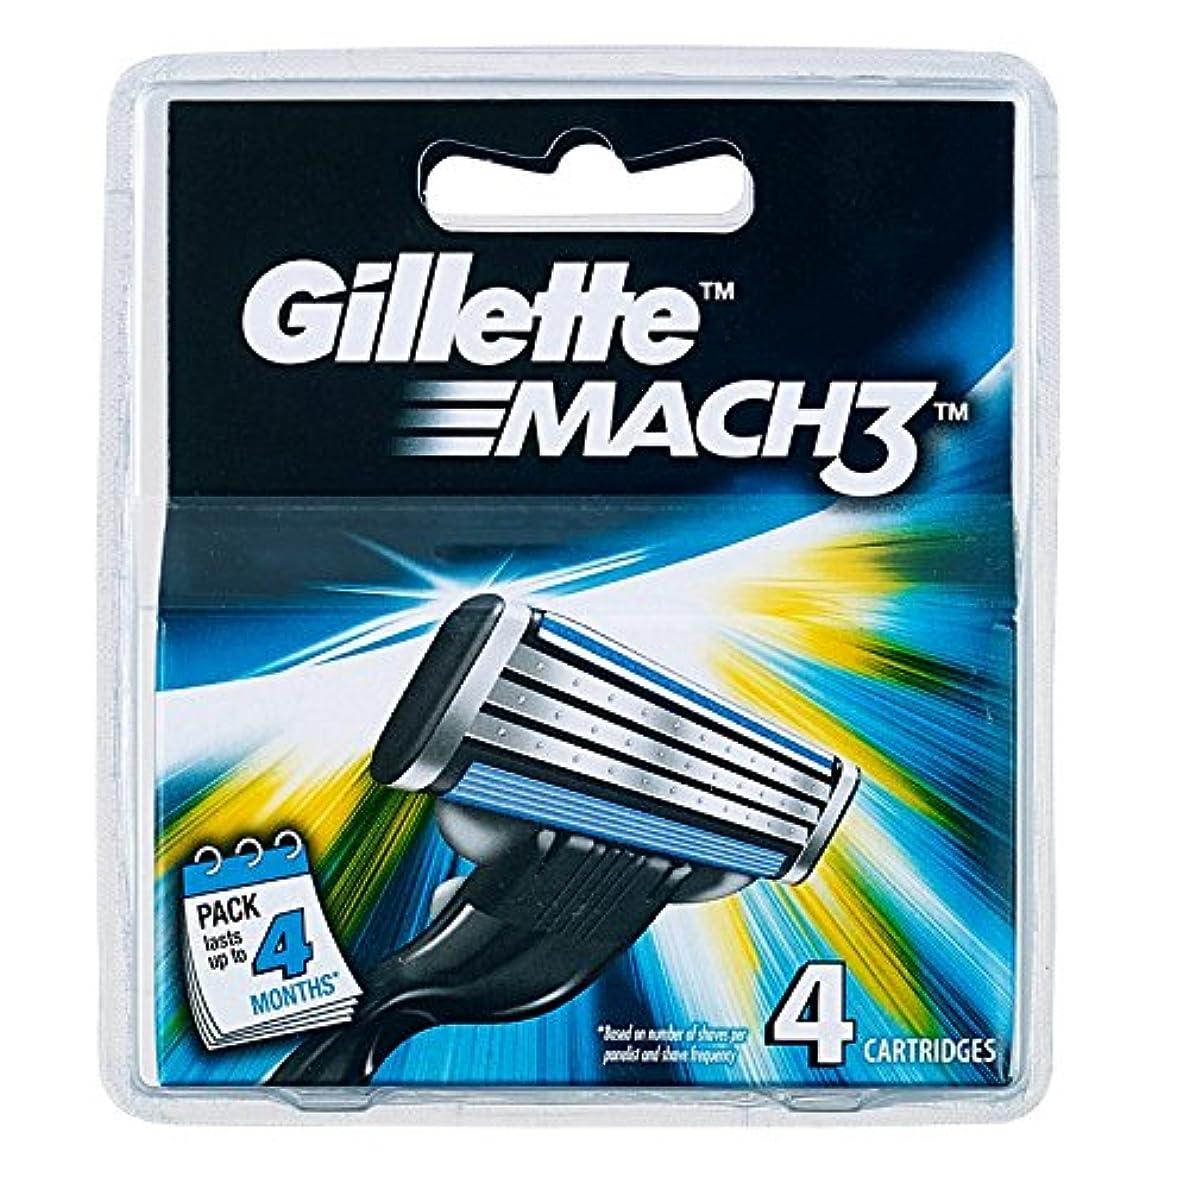 計算する不幸上院議員Gillette MACH3 SHAVING RAZOR CARTRIDGES BLADES 4 Pack [並行輸入品]